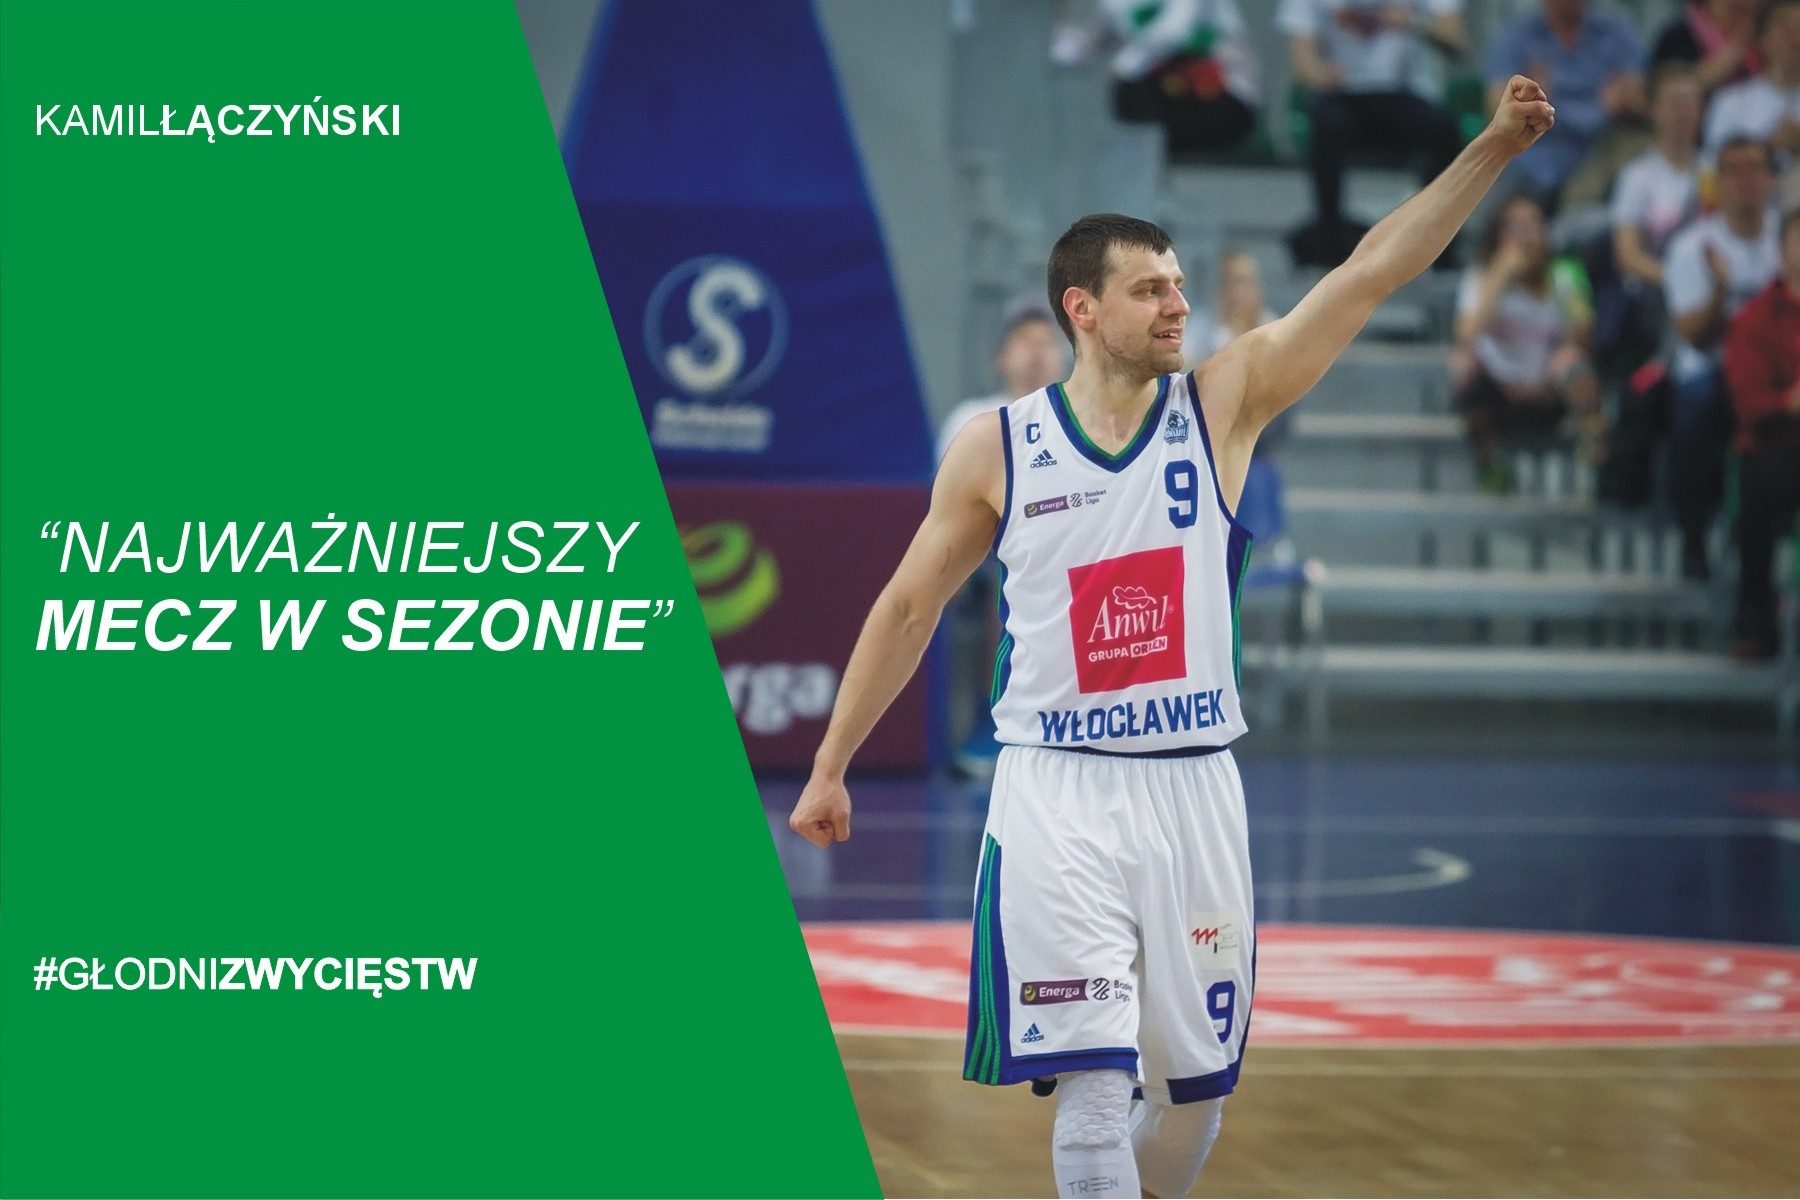 Kamil Łączyński: Najważniejszy mecz w sezonie